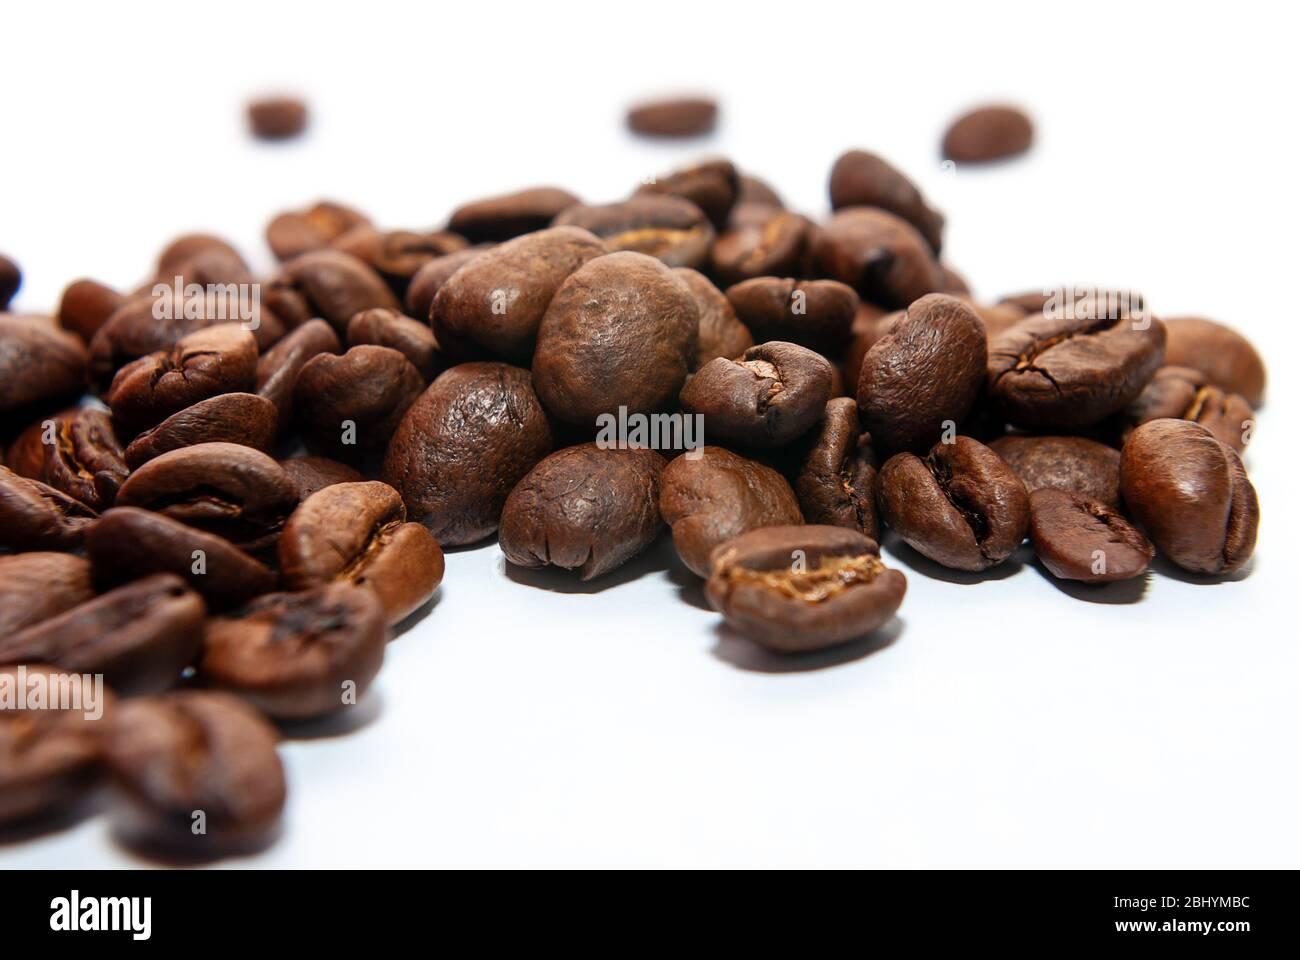 Los granos de café sobre un fondo blanco. Foto de stock